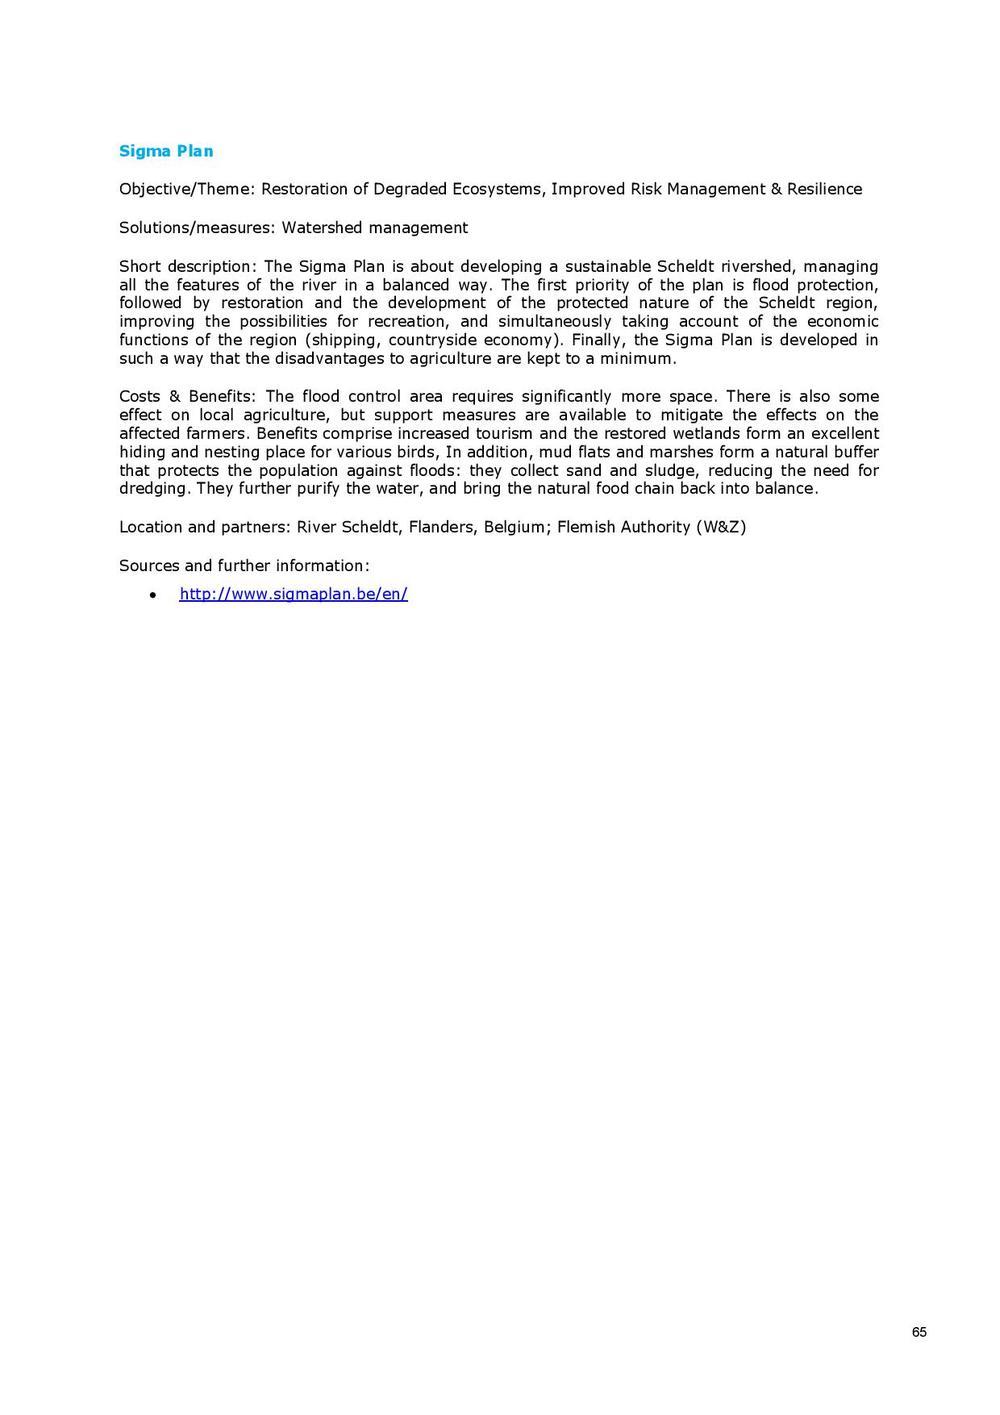 DG RTD_WEB-Publication A4_NBS_long_version_20150310-page-067.jpg